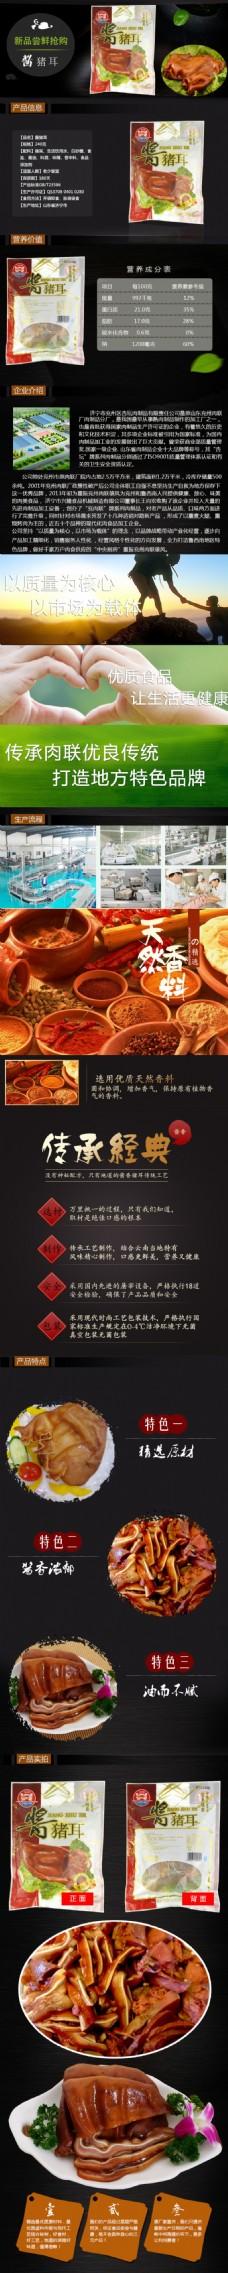 酱肉商品电商详情页